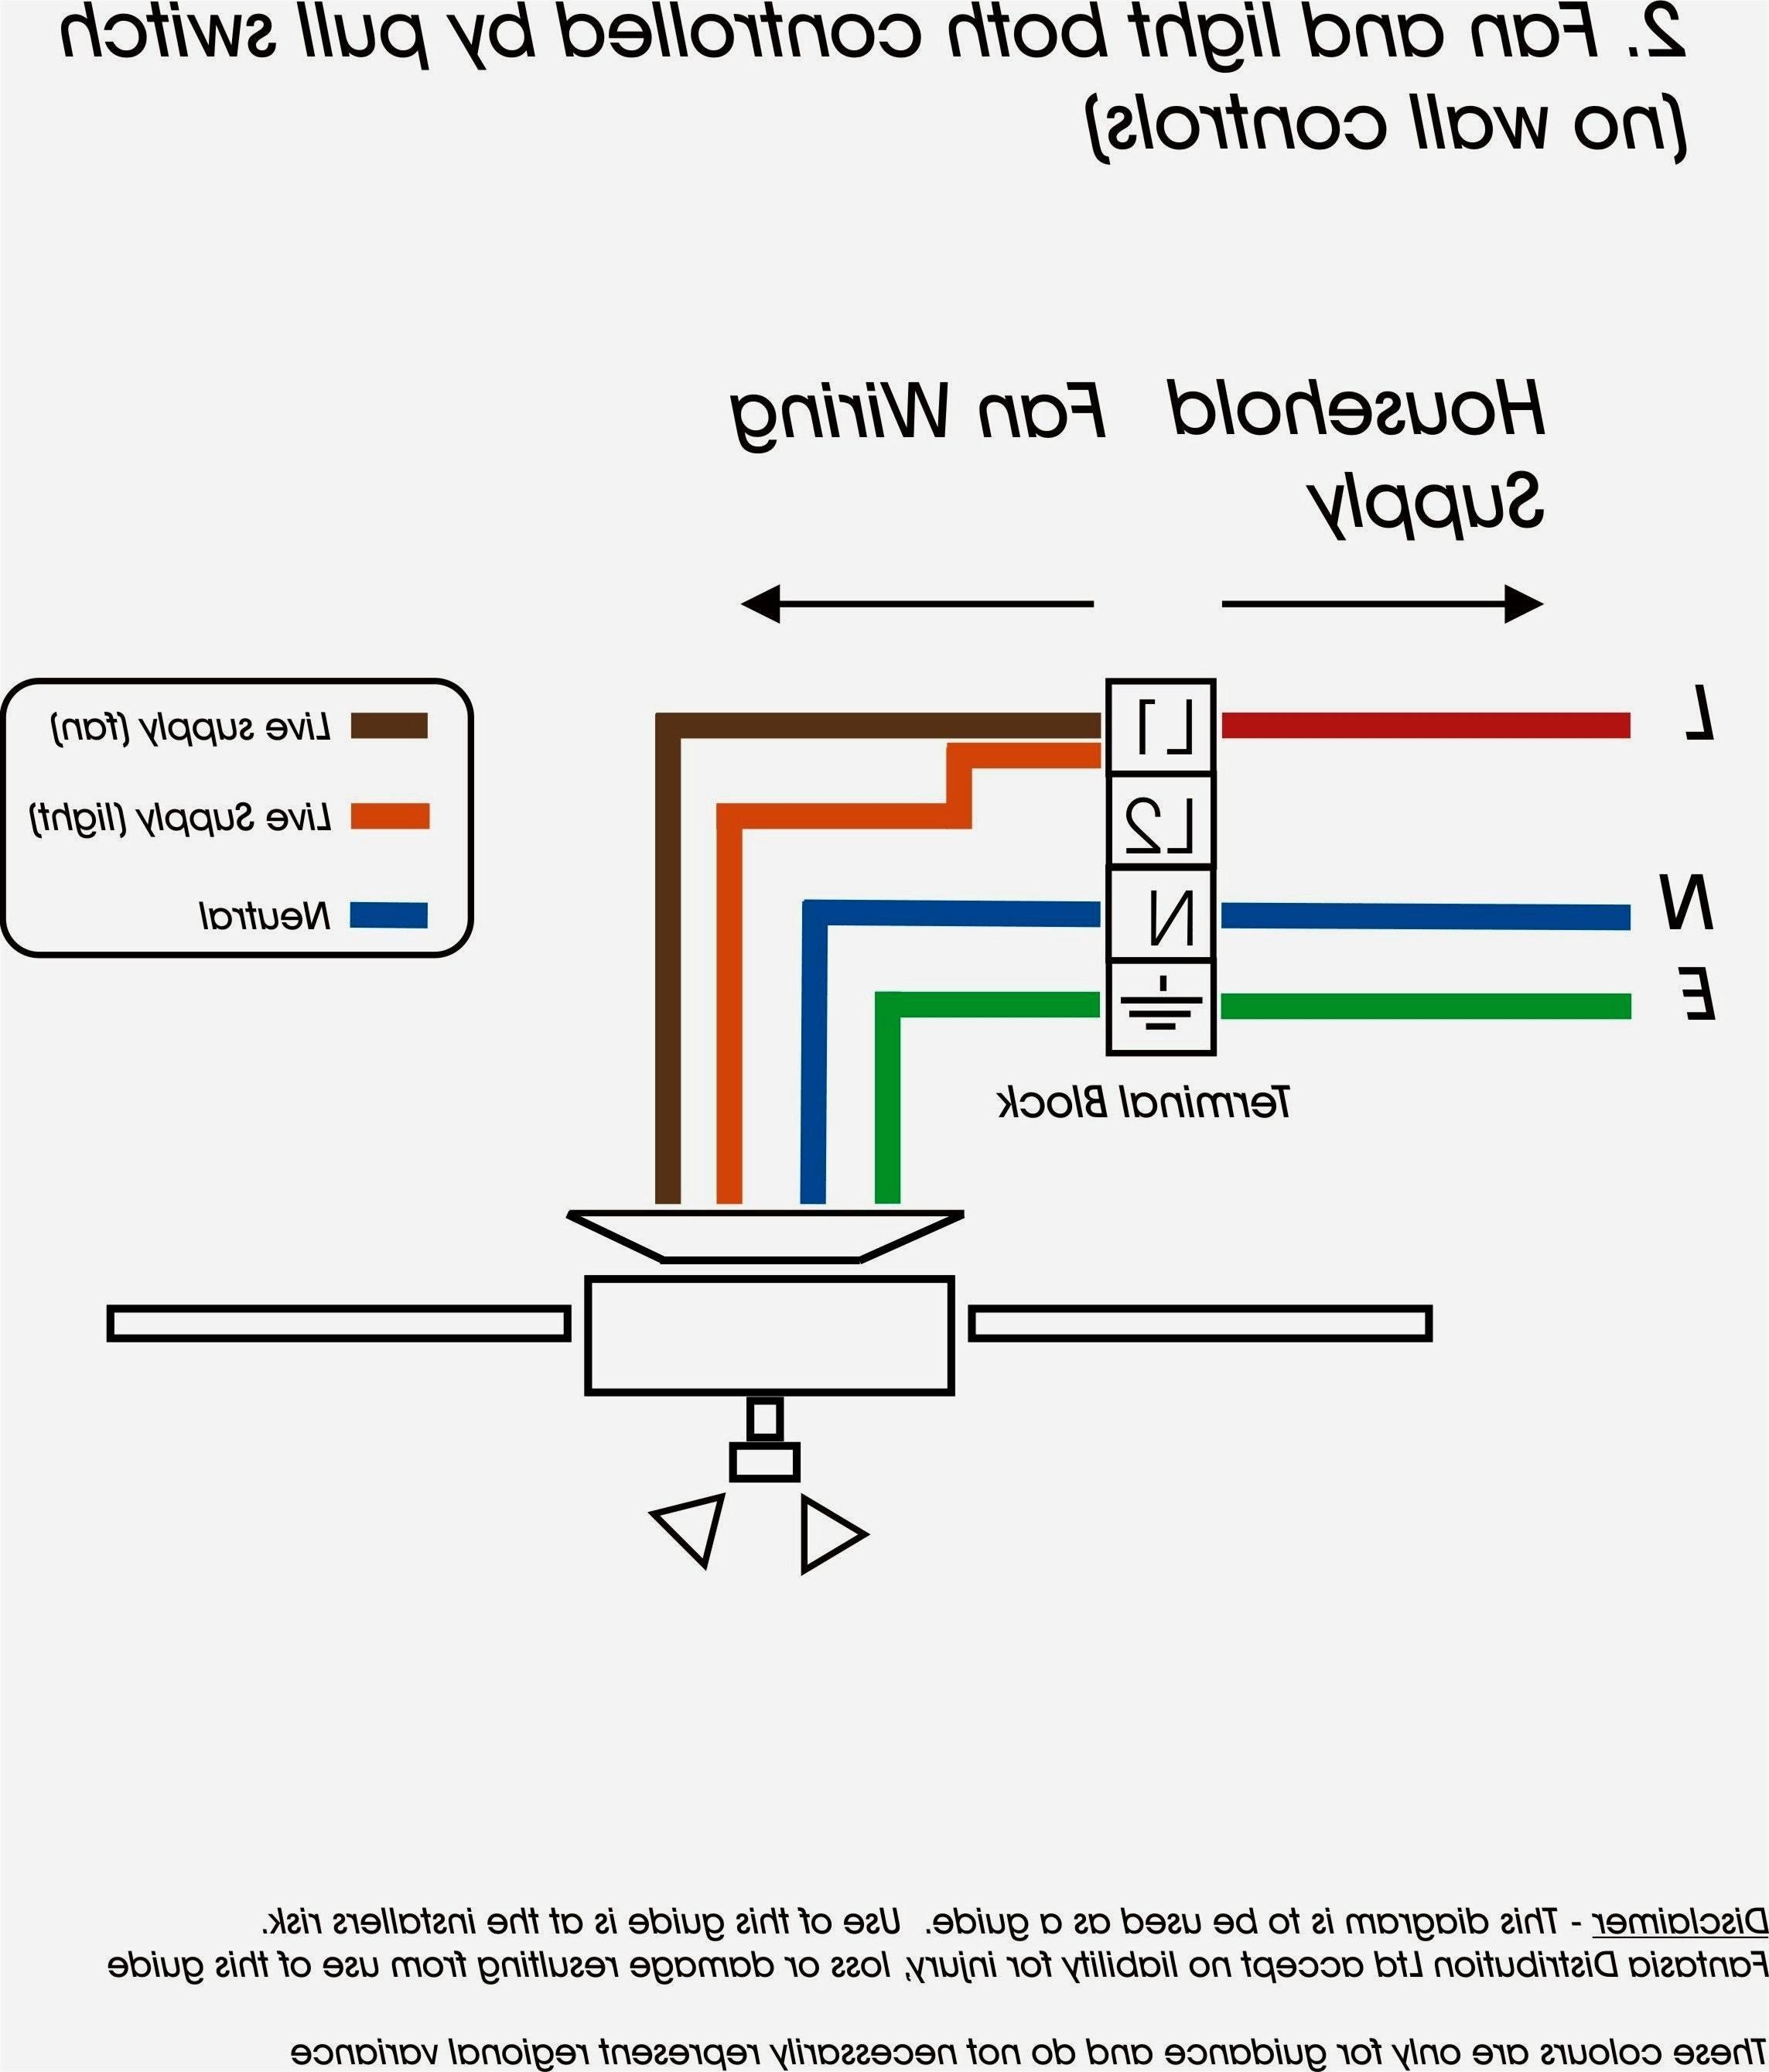 3 speed fan control wiring diagram hunter 3 speed fan switch wiring diagram | free wiring diagram 2 speed fan motor wiring diagram #11